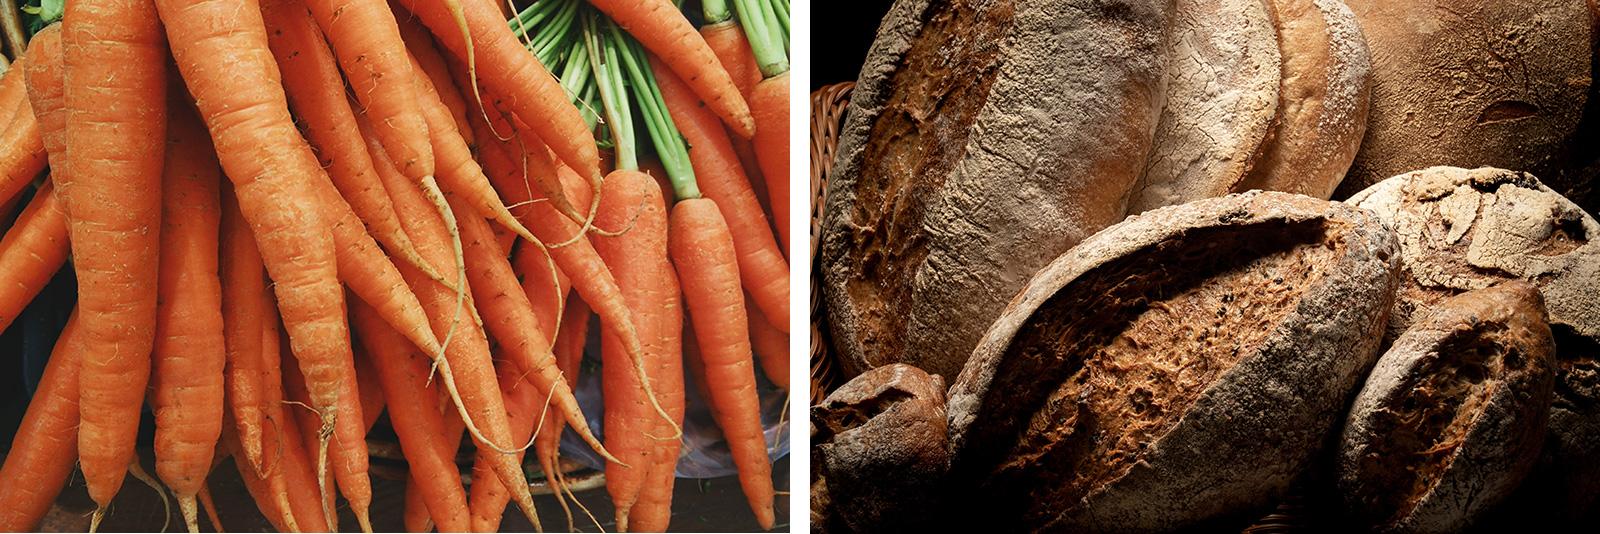 Natürlicher Zucker: auch in Obst, Gemüse und Getreide enthalten